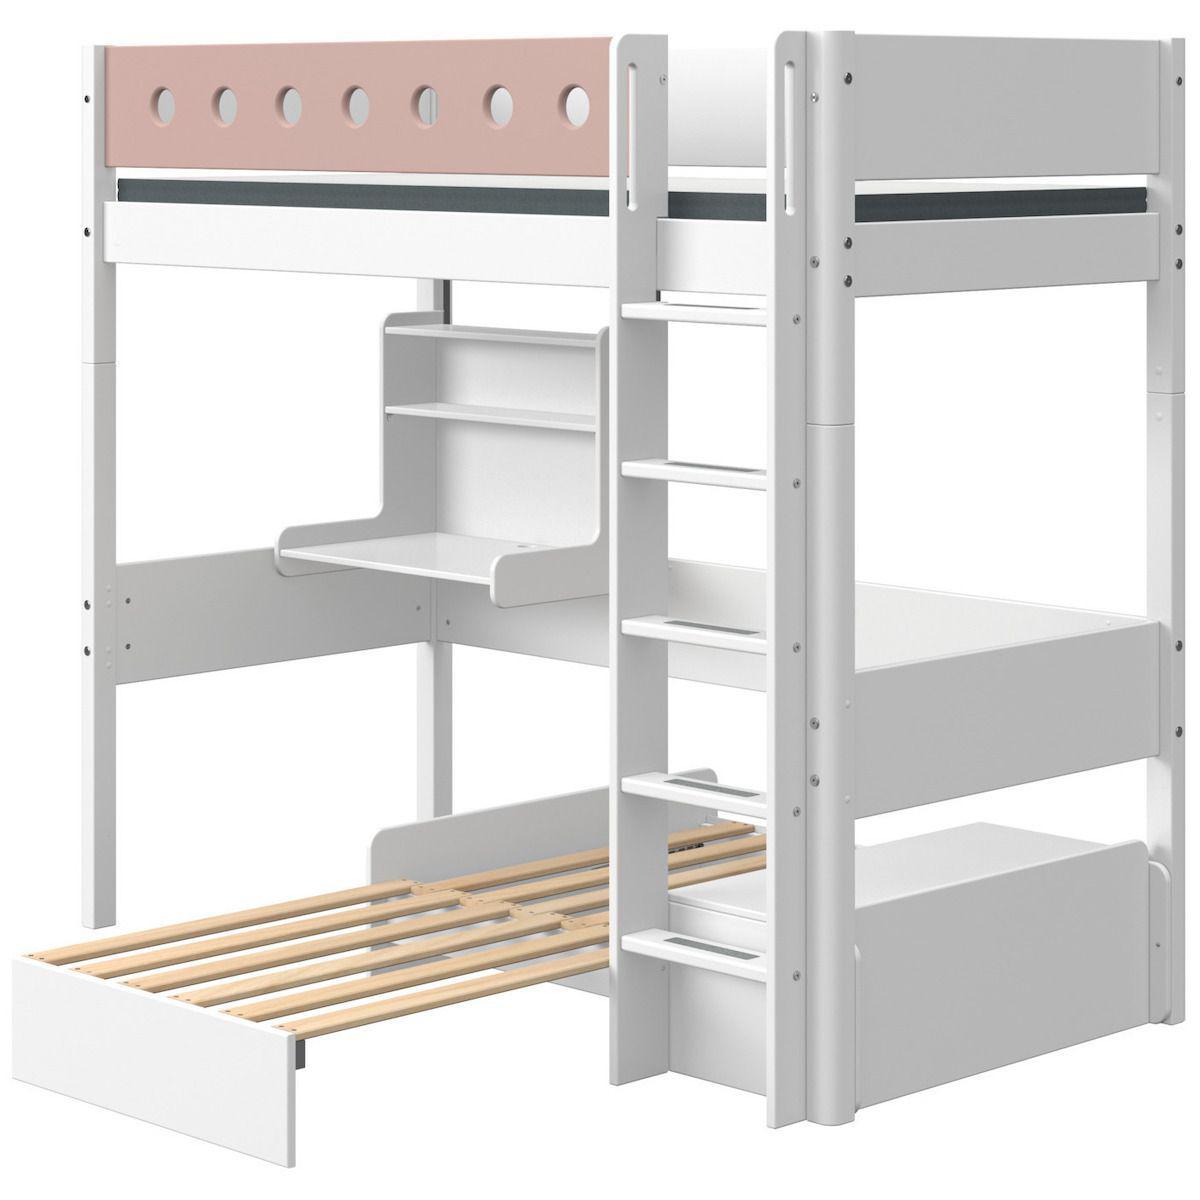 Hochbett mitwachsend 90x190cm gerade Leiter Schlafmoduk-Schreibtisch CLICK-ON WHITE Flexa weiß-light rose